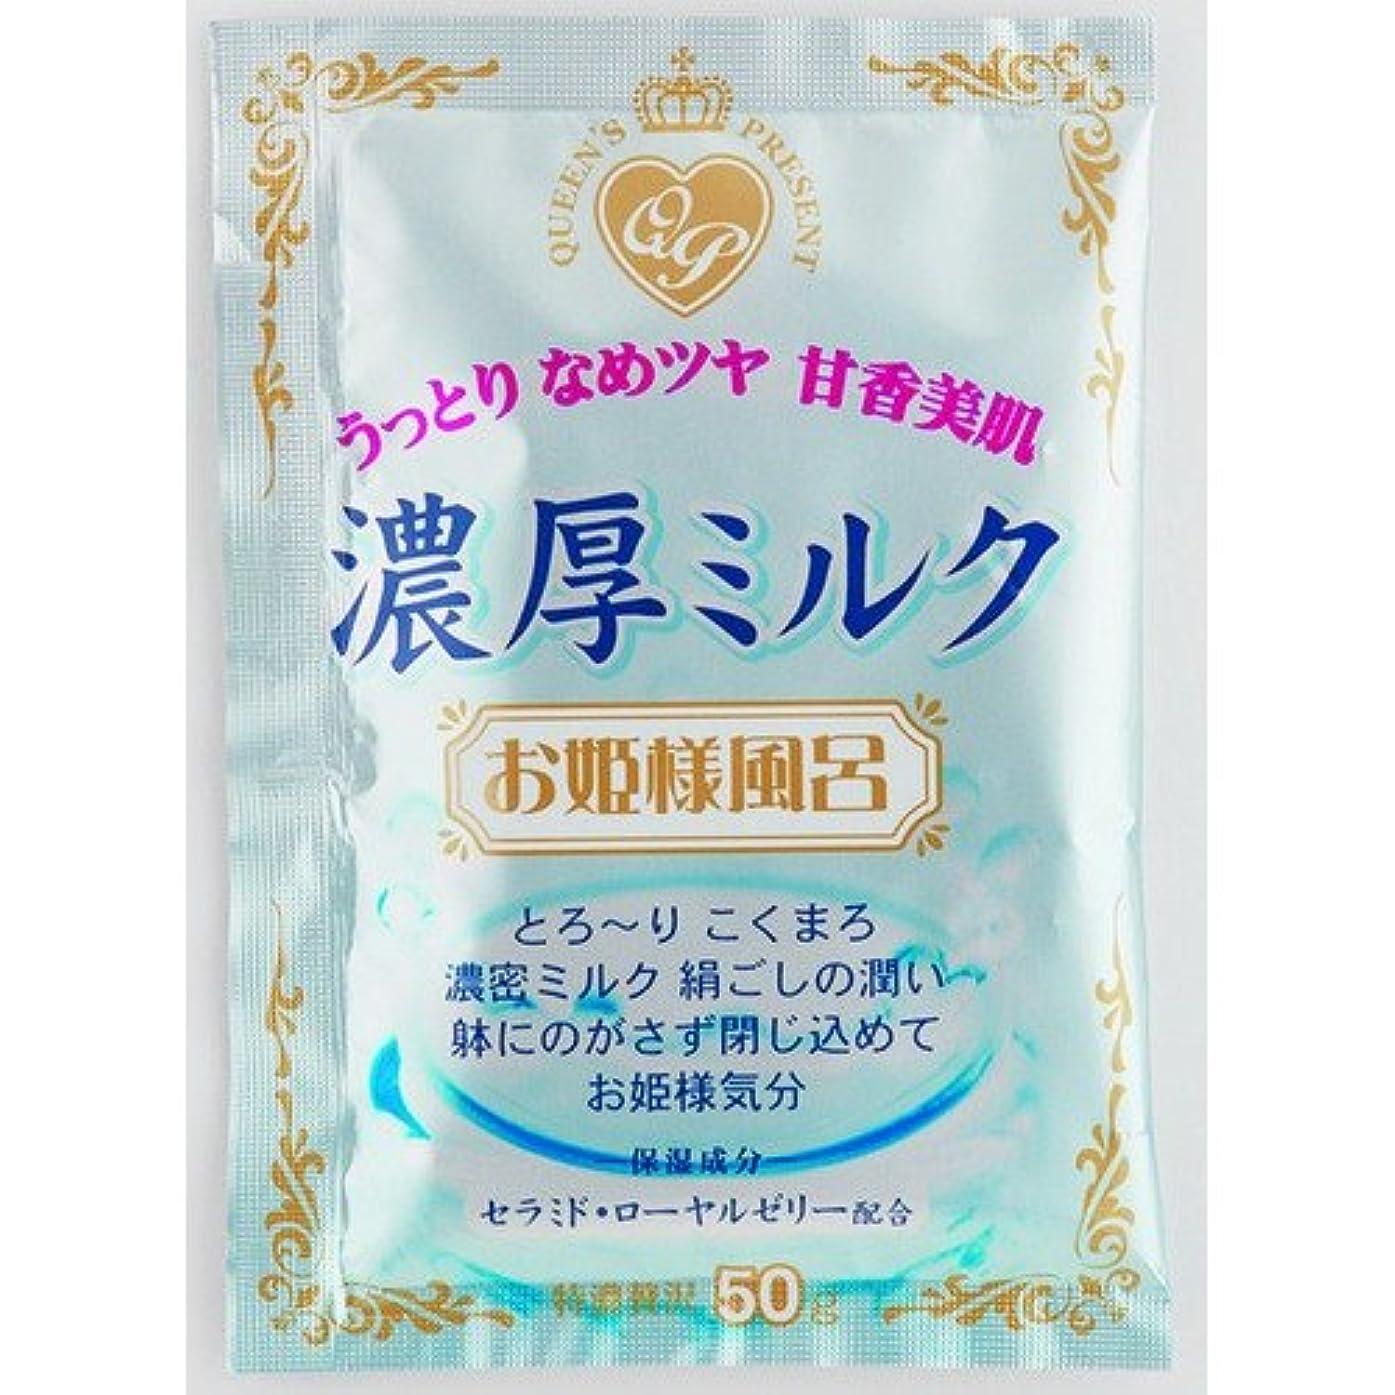 むしろコールド壁お姫様風呂 濃厚ミルク 50g